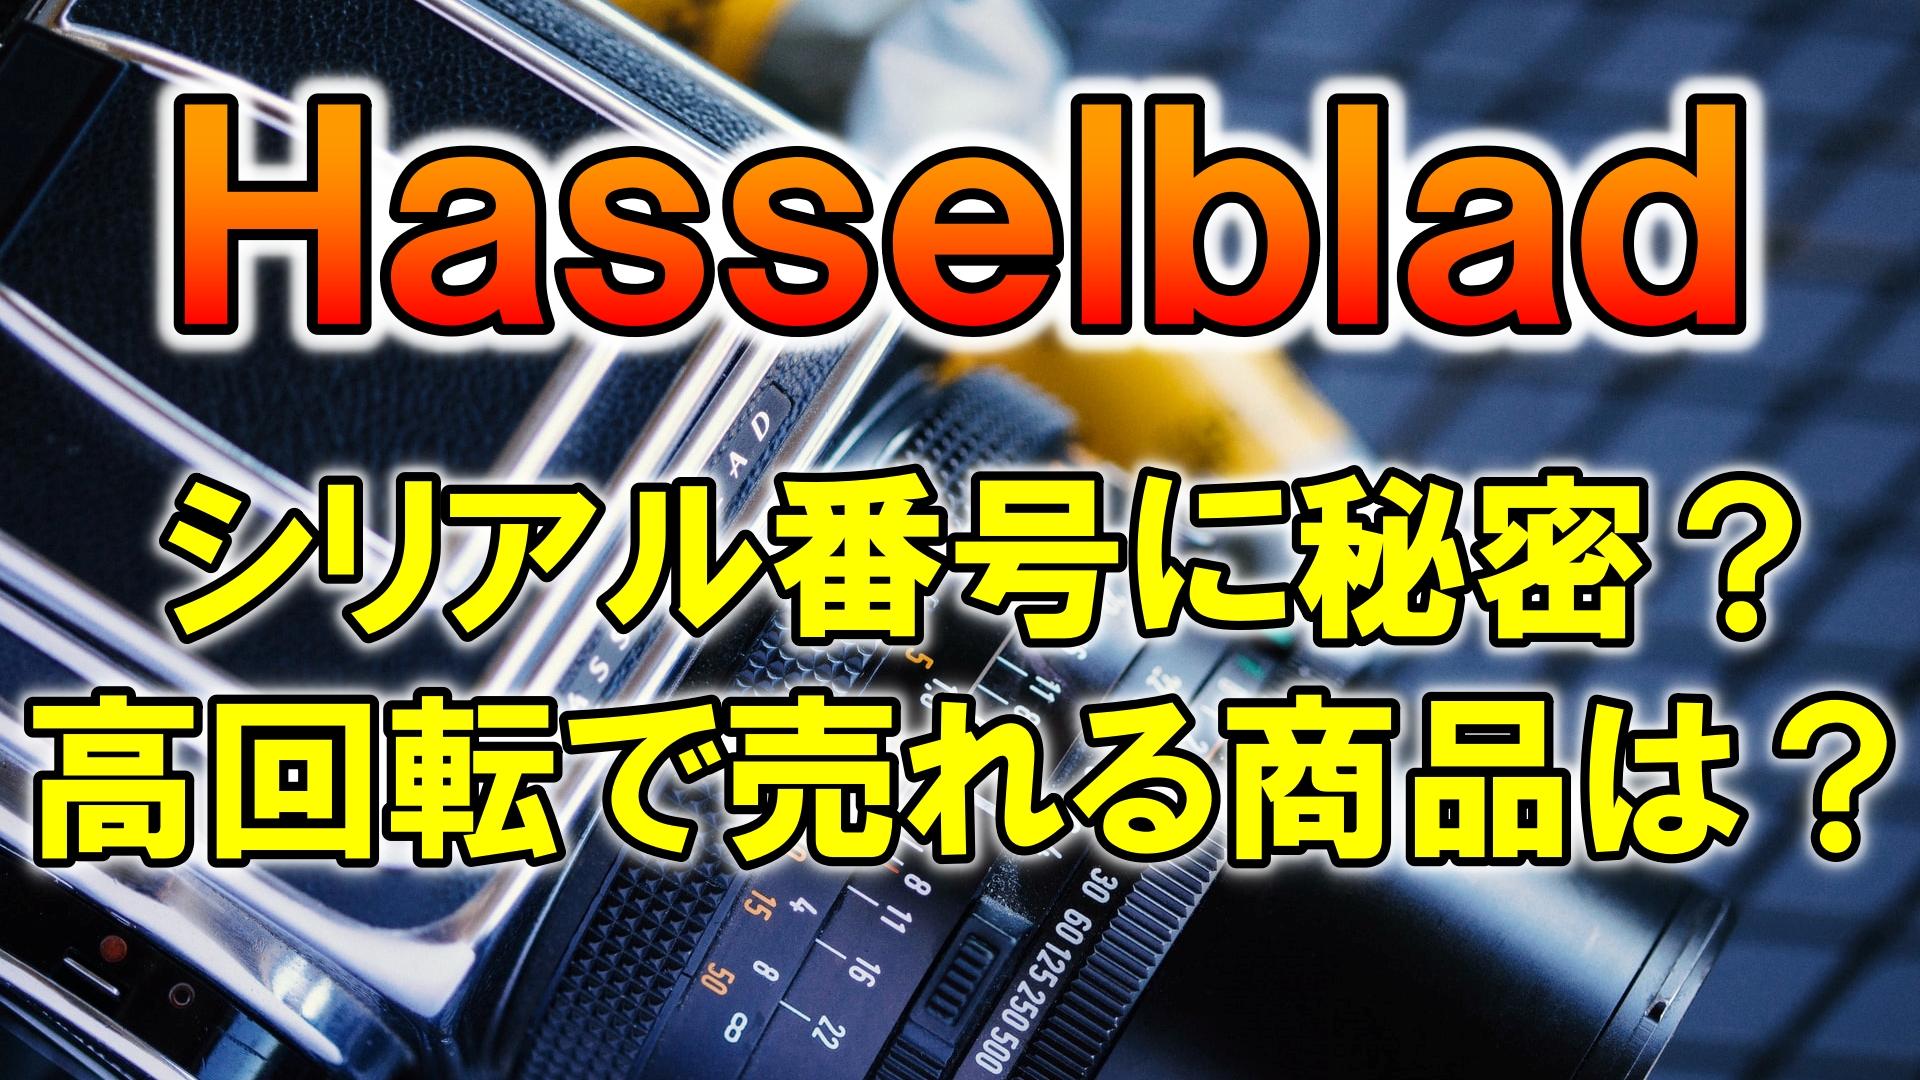 ハッセルブラッド(Hasselblad) シリアルナンバー(製造番号)から分かる製造年と売れるポイント